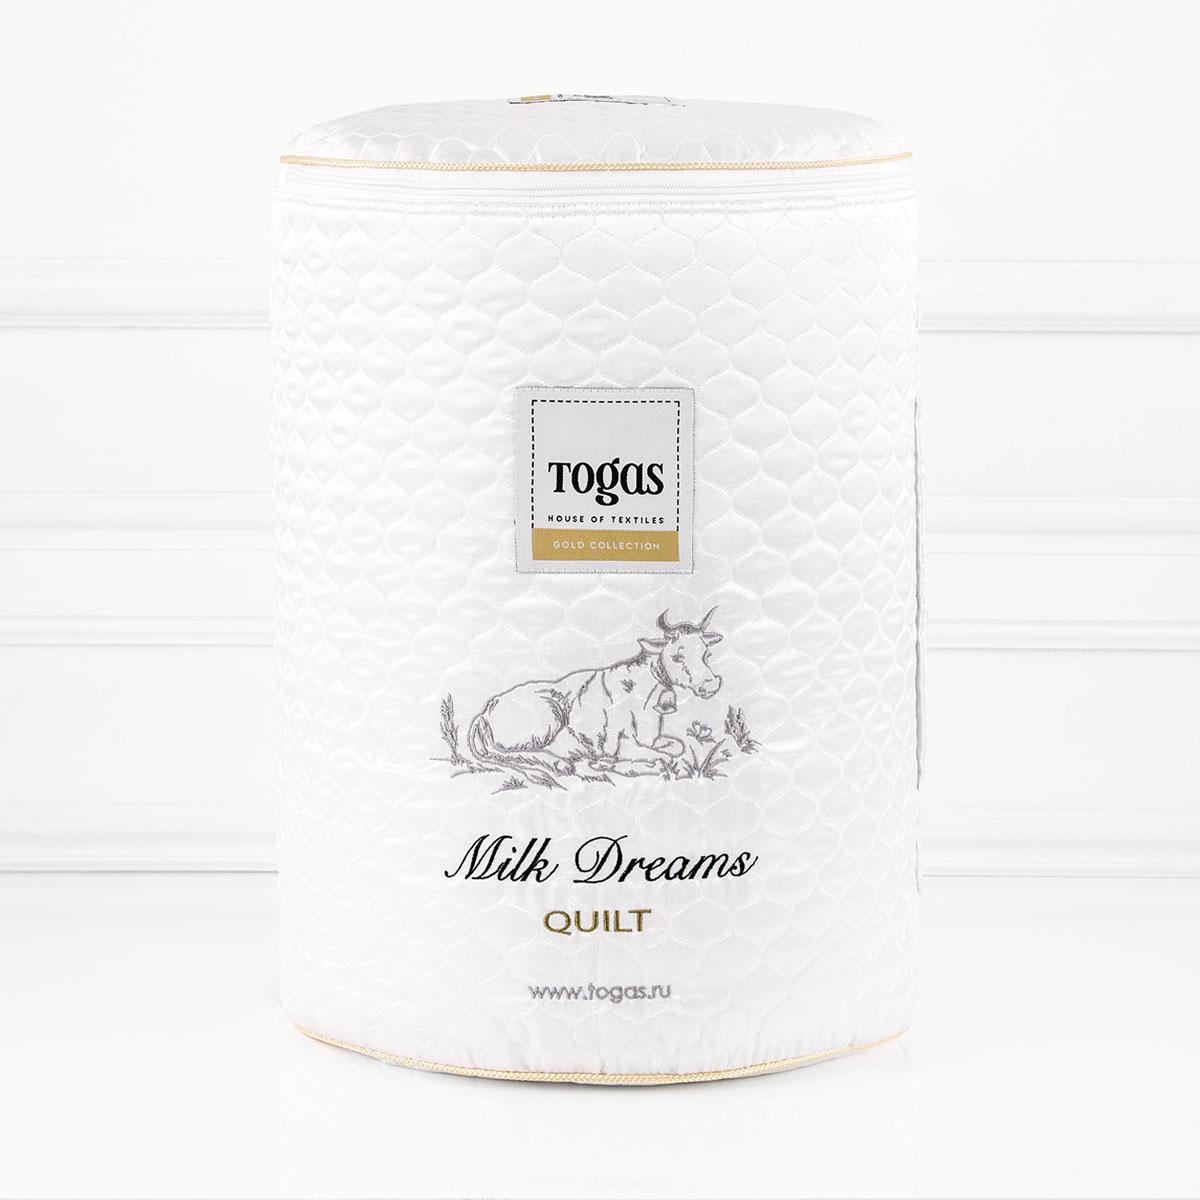 Милк Дримс одеяло 200х210 вес: 200гр/м210503Состав: чехол - 100% модал-жаккард; наполнитель - молочное волокно, саше: запах лаванды.Степень тепла: всесезонноеДетали: одеяло кассетное, классический крой, двойная отстрочка, окантовка фиолетовым шнуром, наполнитель - молочное волокно .Цвет: белый.Размер: 200x210. 1 предмет.Уход: Возможна сухая химическая чистка с использованием исключительно химических чистящих средств, содержащих углеводород, бензин, хлорный этилен или монофтортрихлорметан, либо щадящая стирка при температуре 40 °С. После стирки одеяло необходимо расположить на ровной горизонтальной поверхности и оставить до полного высыхания. Одеяло МИЛК ДРИМС. Молочные или белковые волокна - это текстильный наполнитель, который производят путем полимеризации белков казеина , входящих в состав молока. Они характеризуются своей мягкостью, отличными теплоизоляционными свойствами, а по показателям гигроскопичности даже превосходит шерсть. Белковые волокна считаются экологически чистыми и полезными для здоровья. Содержат естественный увлажнитель, который смягчает кожу, и незаменимые аминокислоты , продлевающие молодость, обладают гипсаллергенными свойствами, а также прекрасно впитывают влагу и оказывают антибактериальное воздействие. Чехол данного изделия сделан из модала- ткани , производимой из натуральной древесной целлюлозы Саше с ароматом лаванды , прикрепленное по Вашему желанию внутри подушки или одеяла , поможет Вам расслабиться после дневных забот, напоминая о душистых полях, согретых летним солнцем. Наполнитель: молочное волокно, Чехол: 100% модал-жаккард, саше: запах лаванды1 одеяло 200х210Вид принта: однотонный